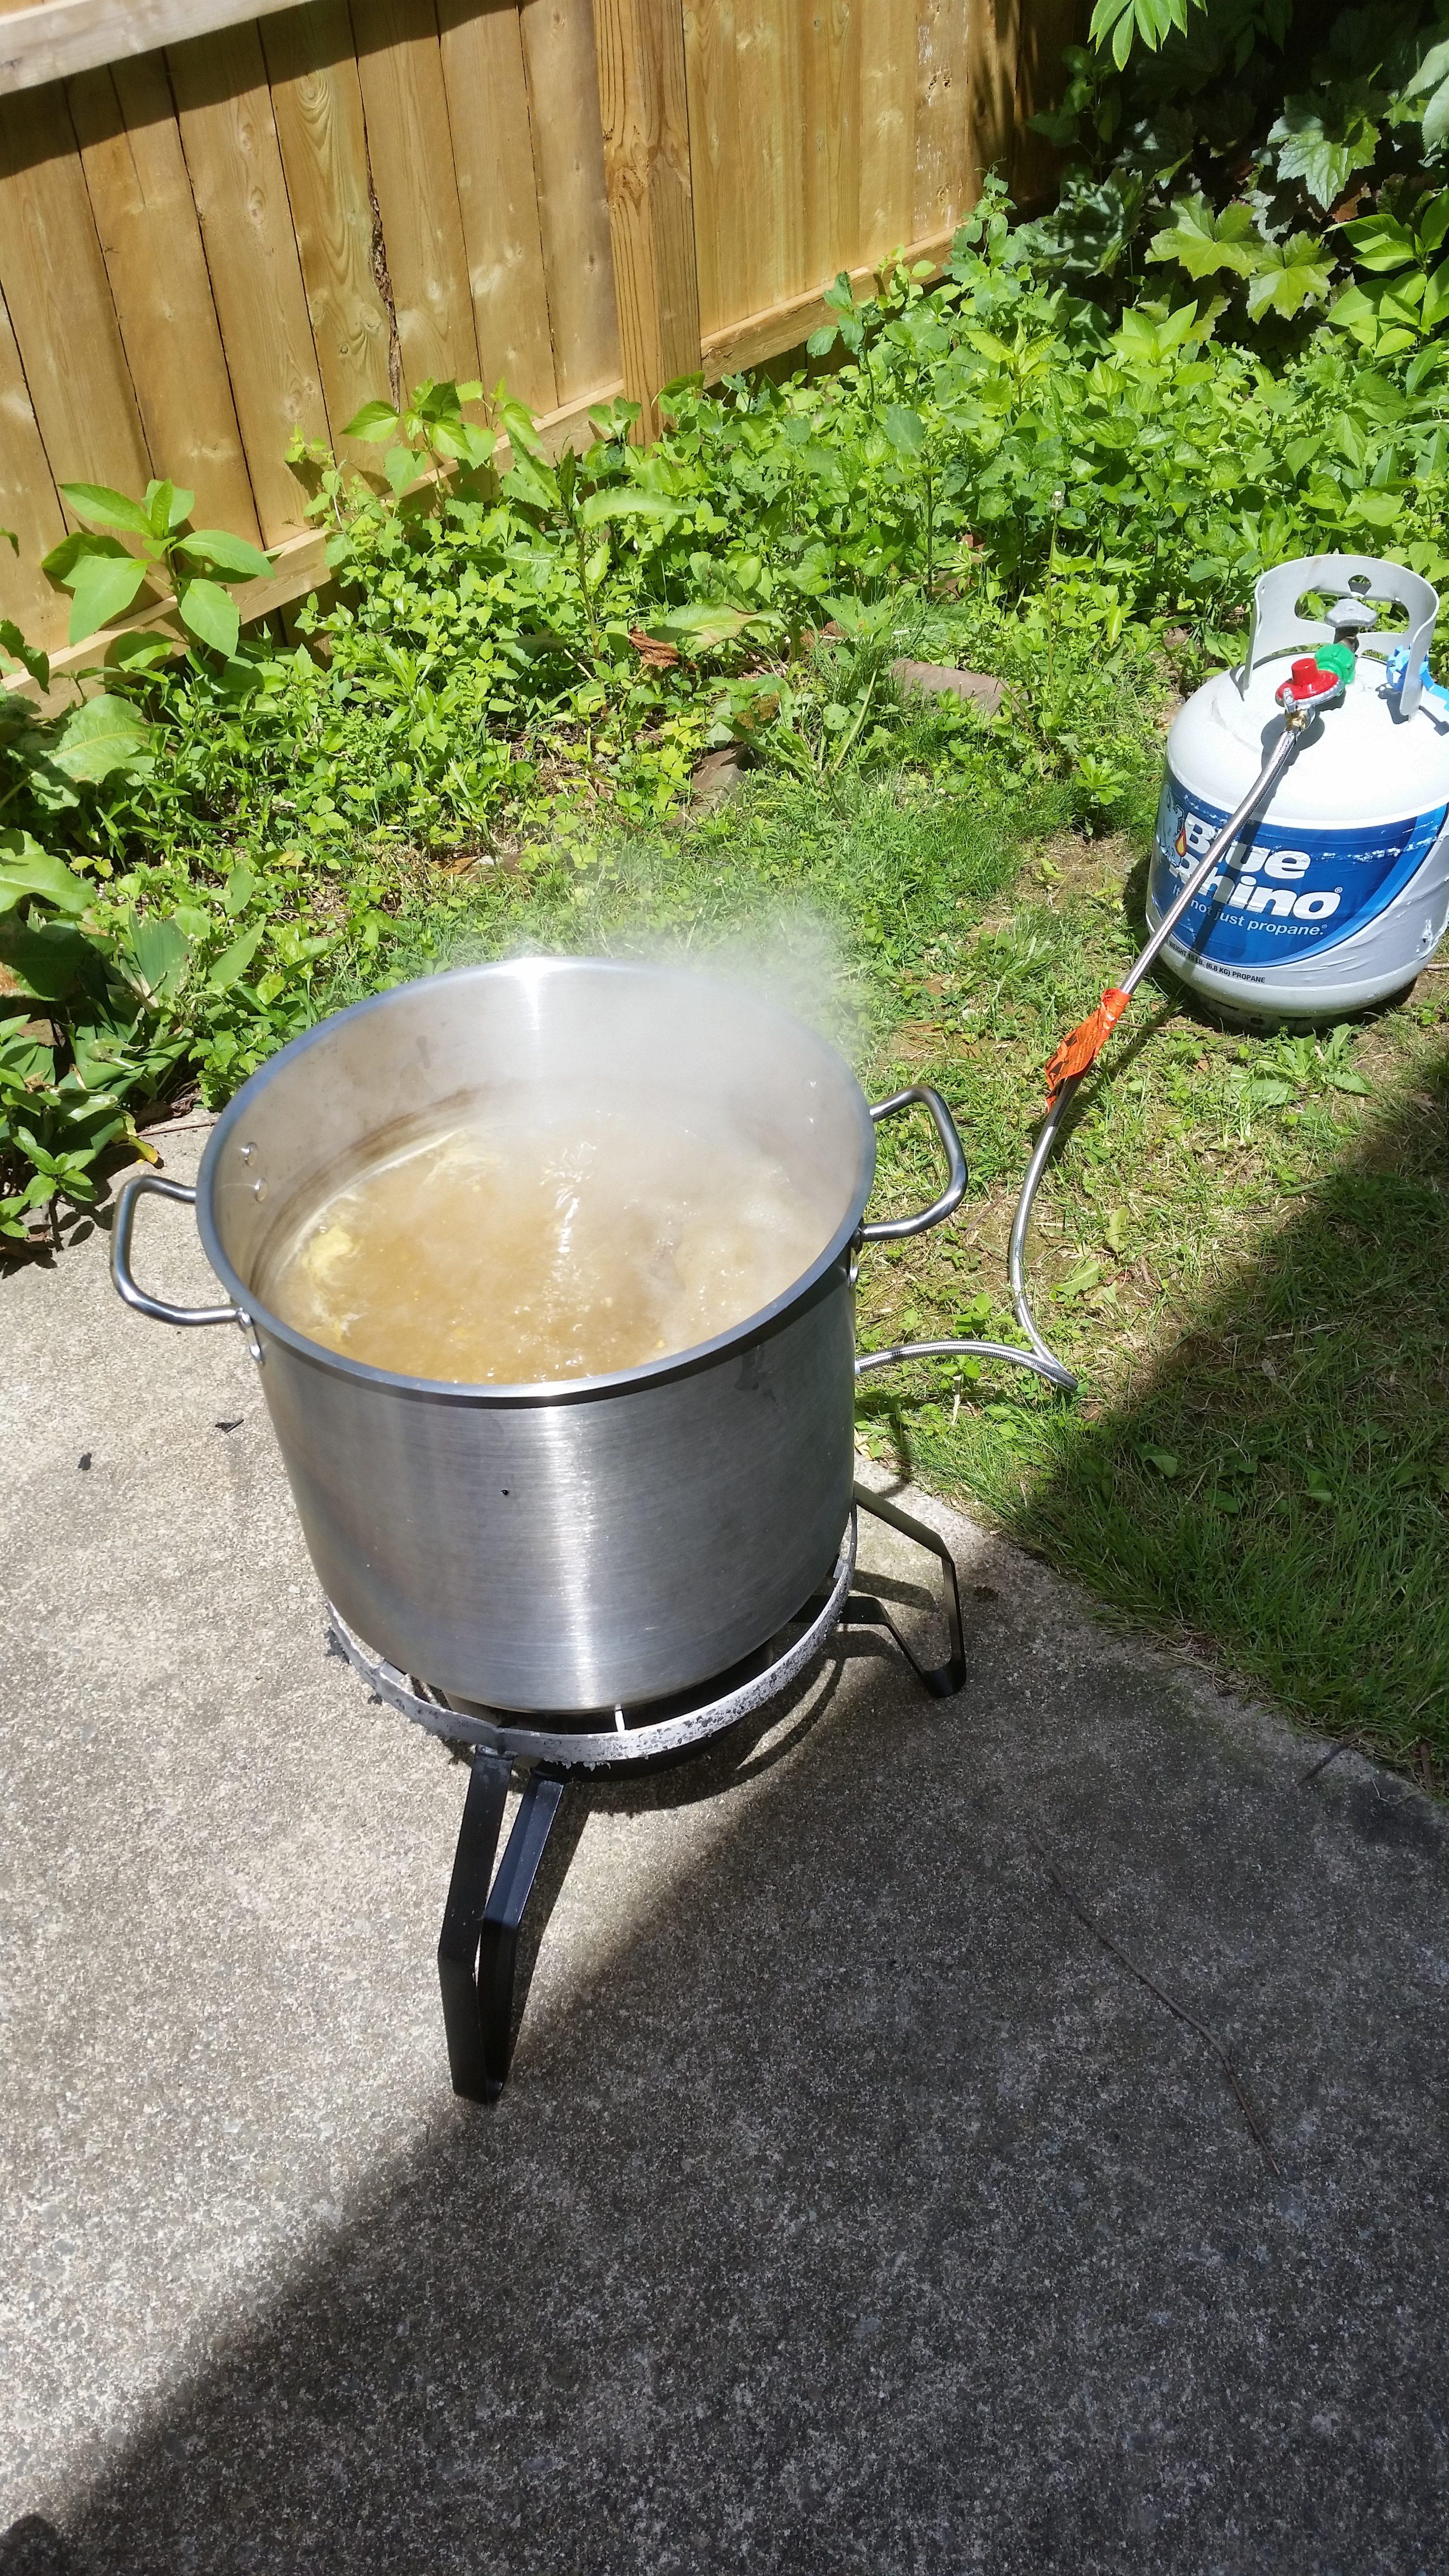 Home-brew beer boils on outdoor burner.